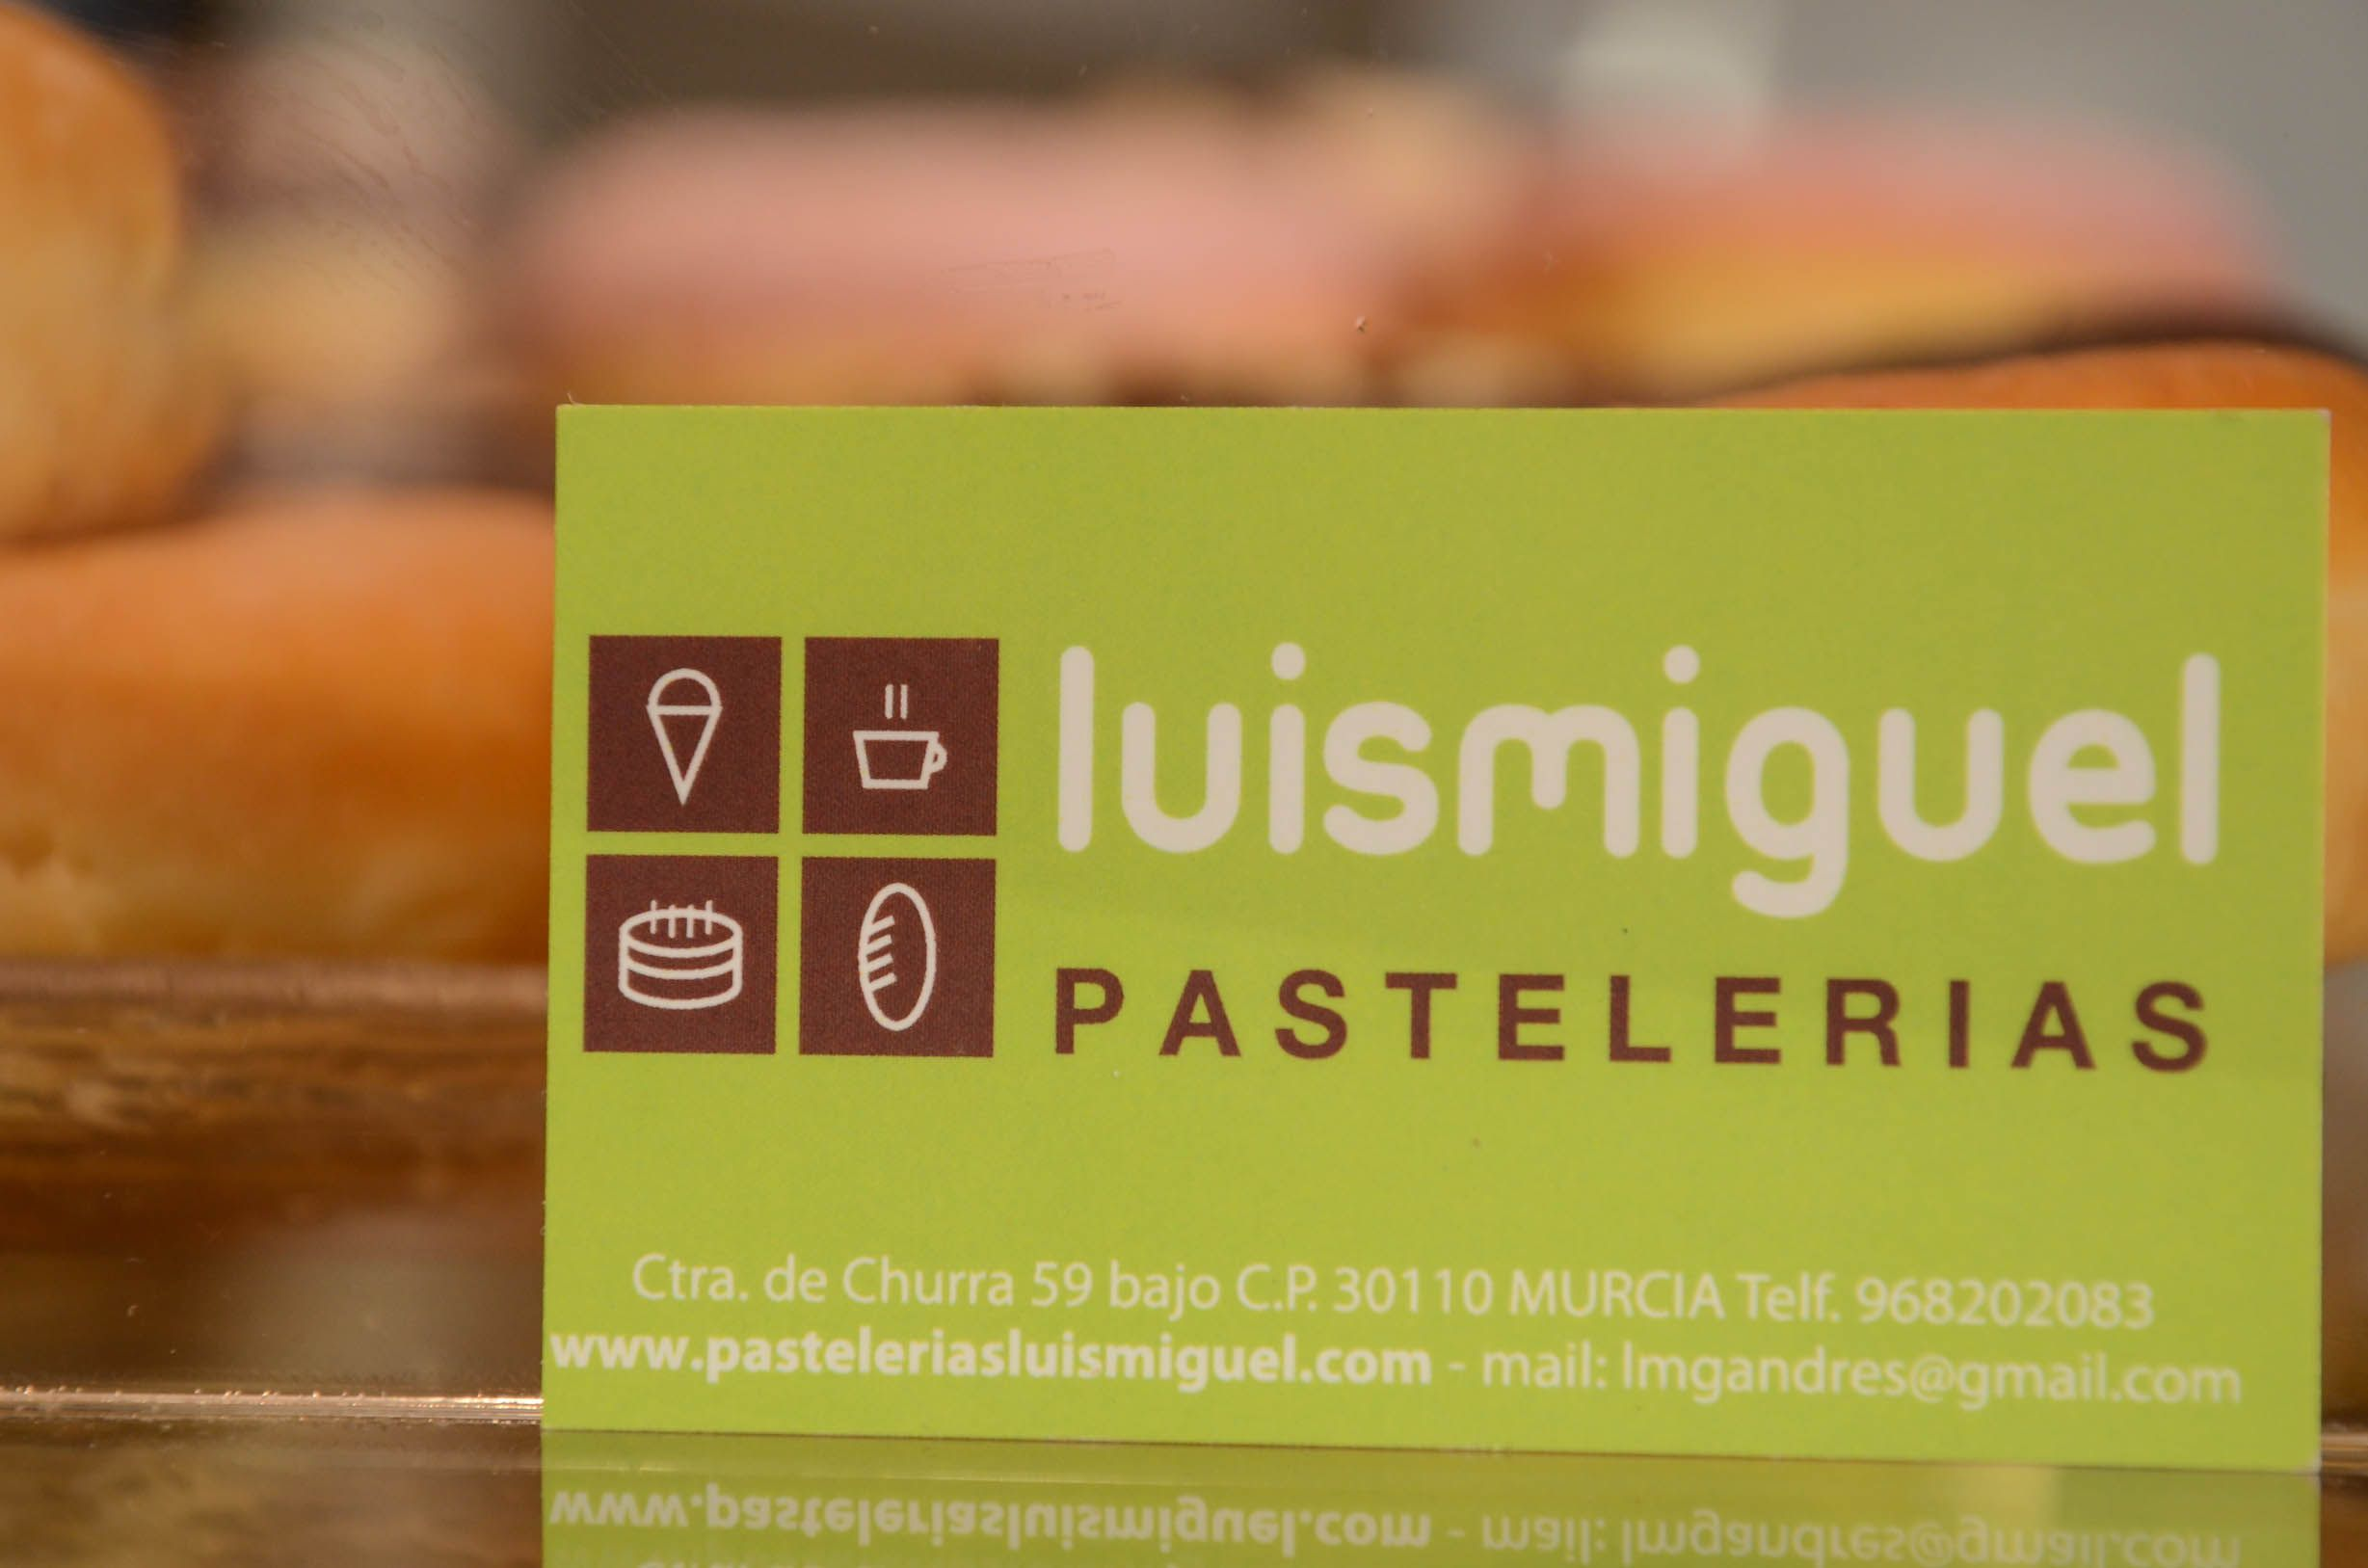 Foto 2 de Pastelerías en Murcia | Pastelerías Luis Miguel